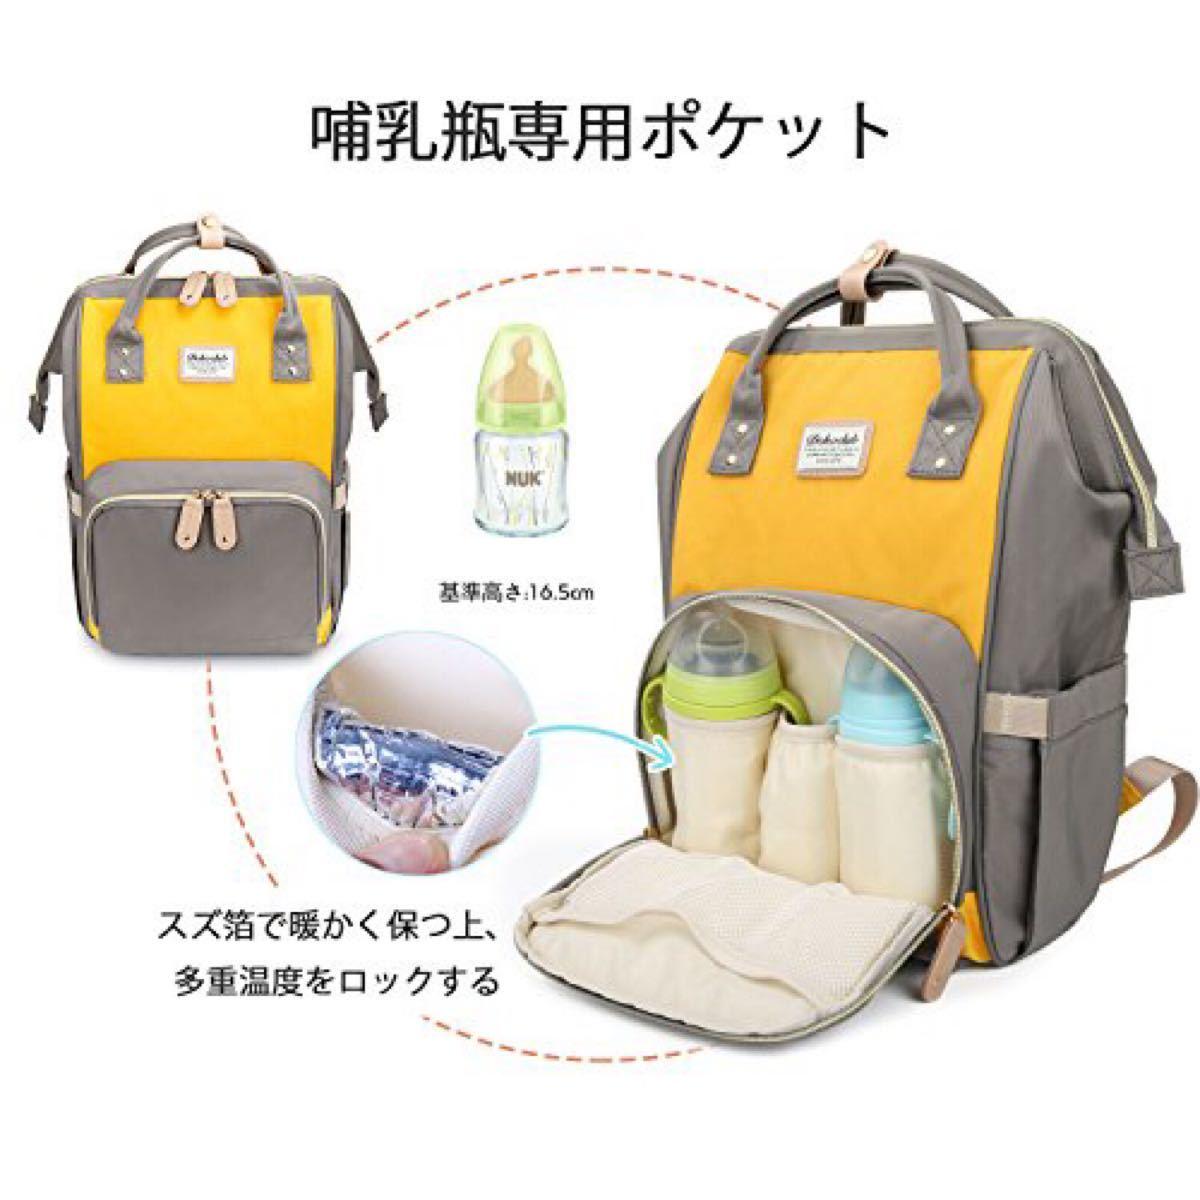 マザーズバッグ マザーズリュック 多機能 軽量 大容量PB-22 01